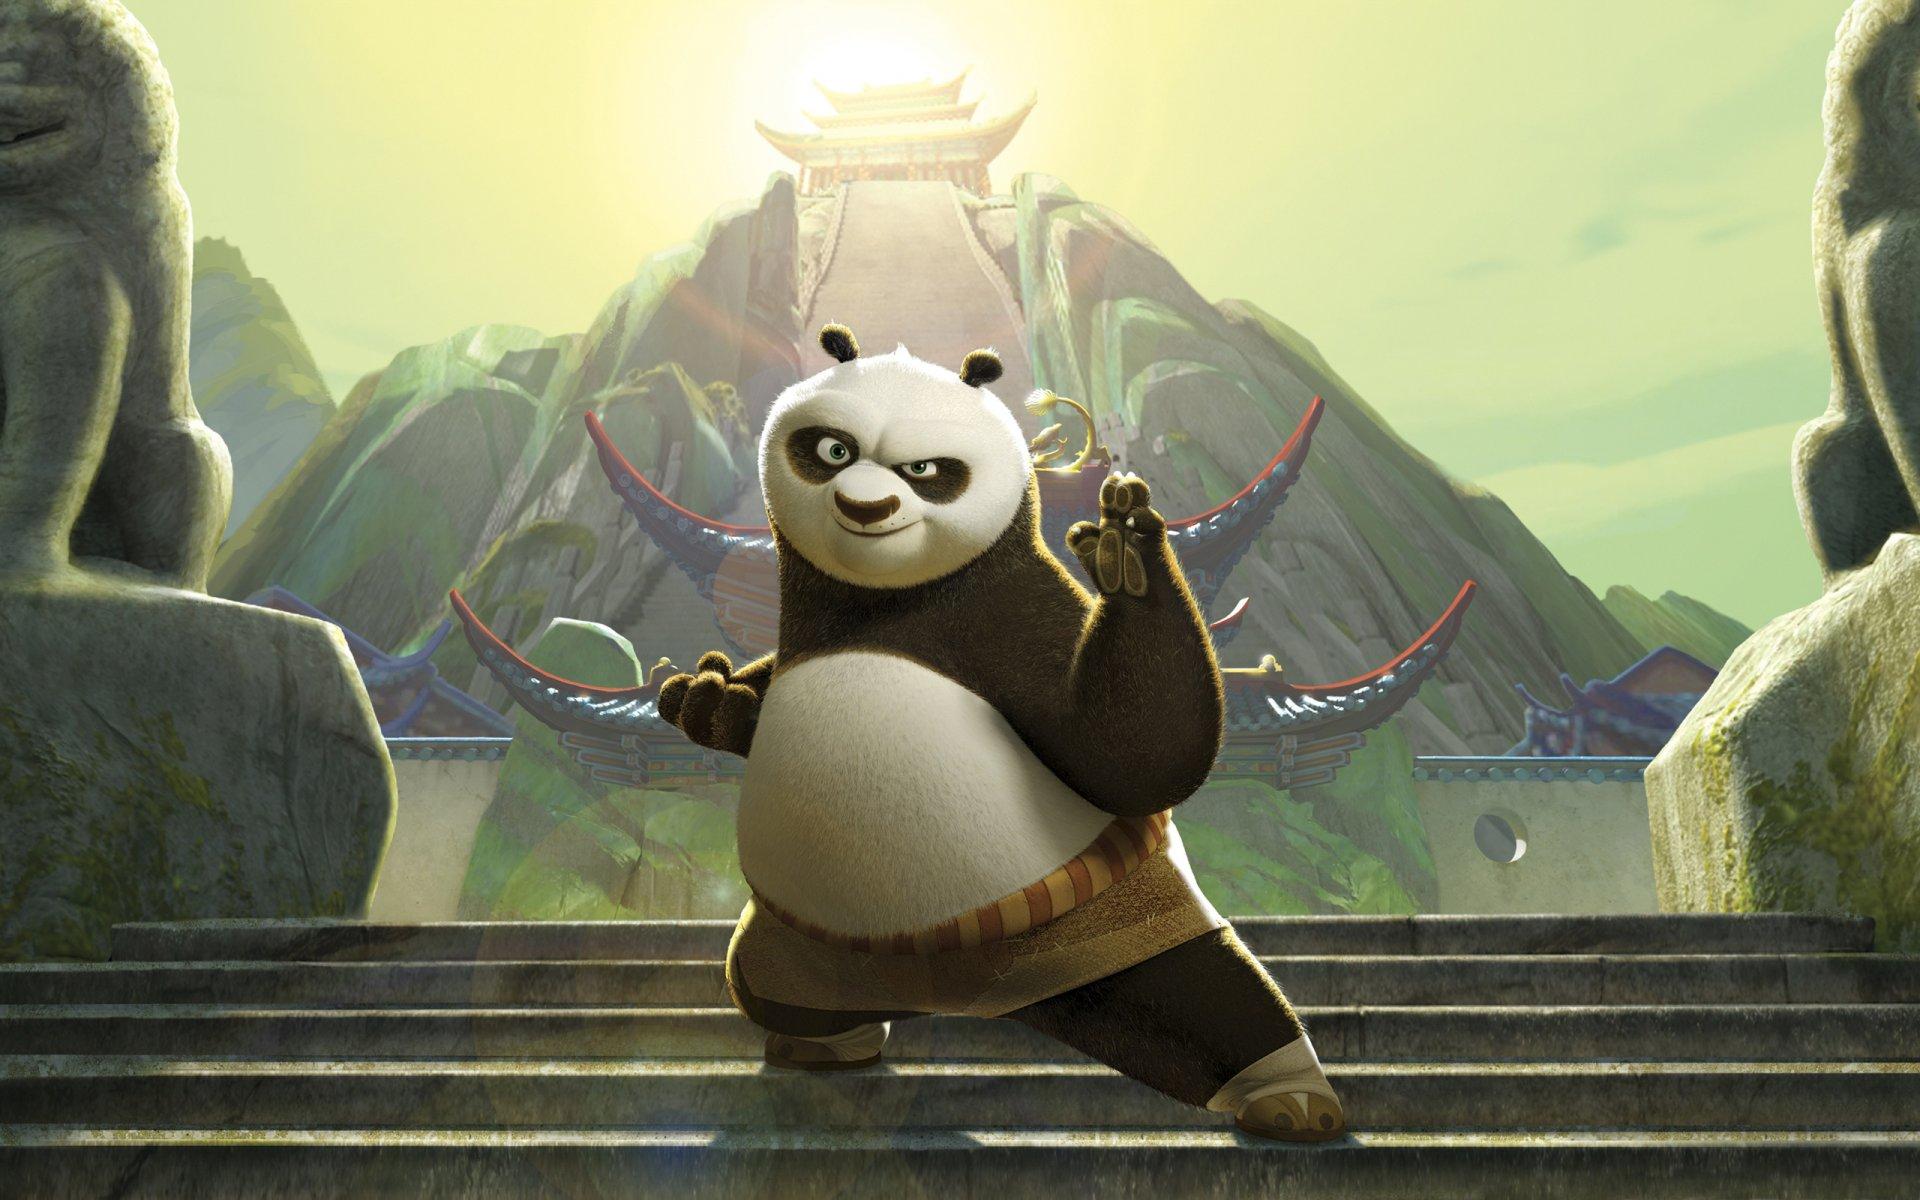 светской картинки кунфу панда смотреть одной двух